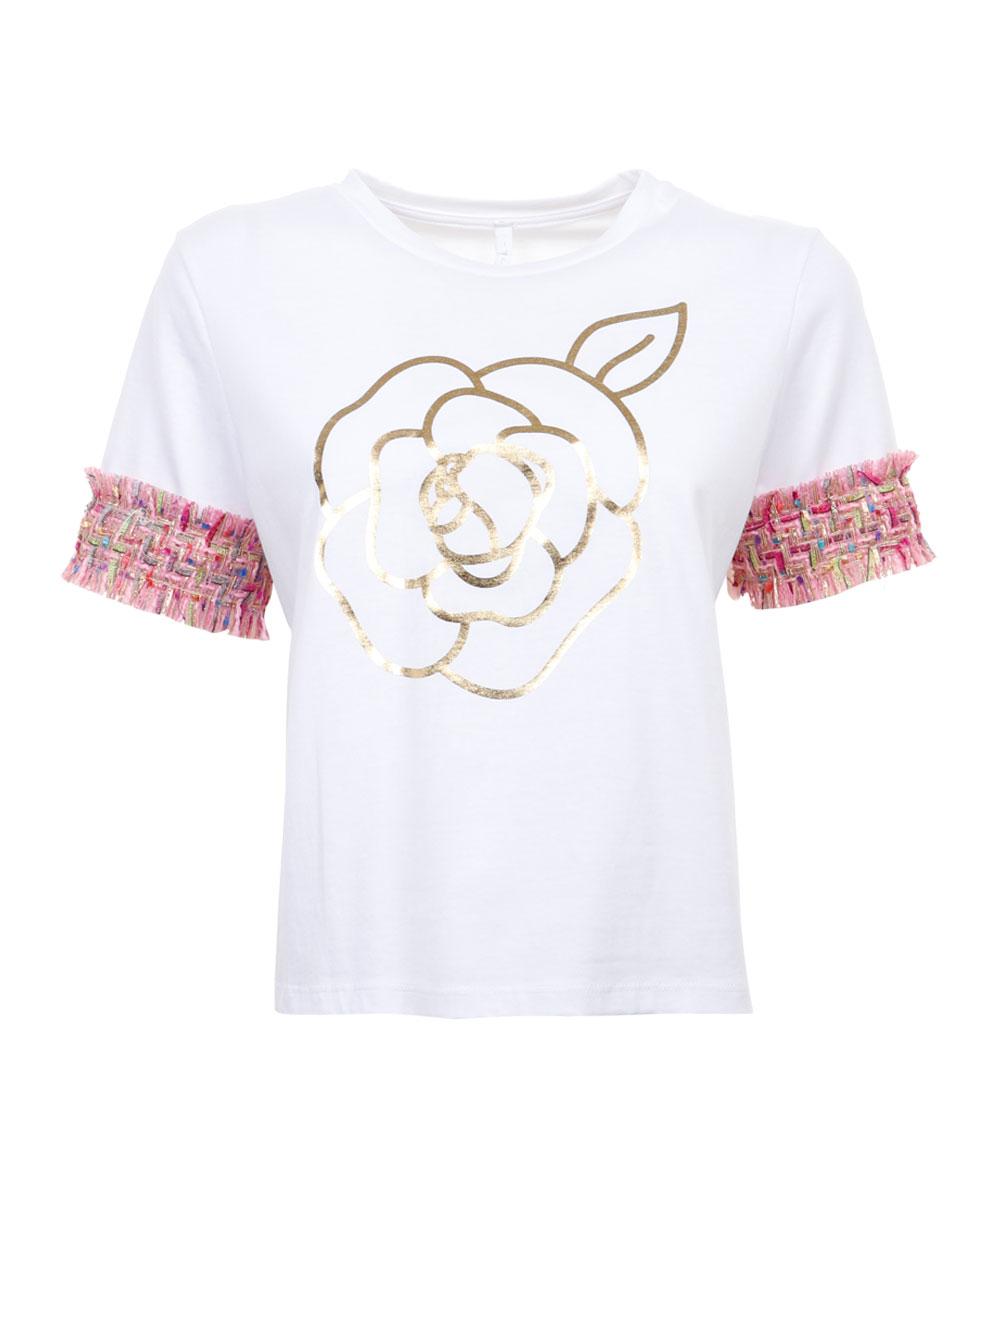 Хлопковая футболка с твидовыми рукавами Imperial